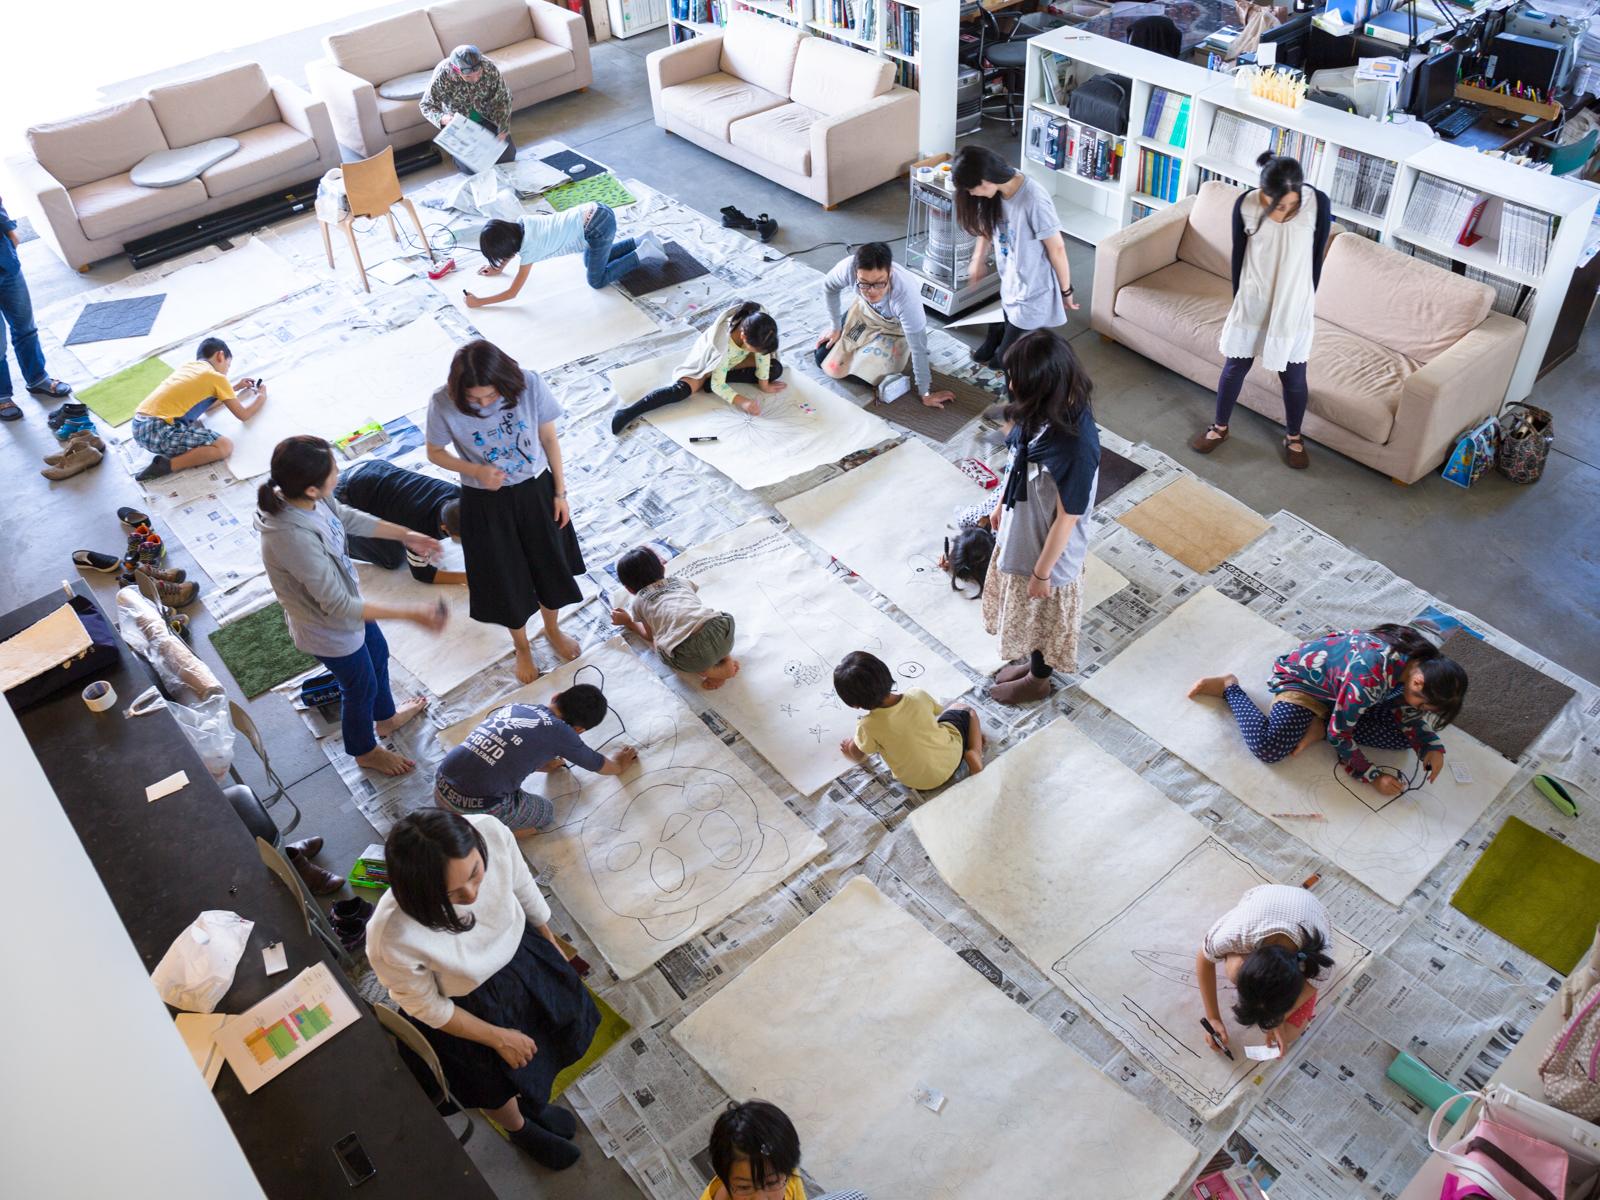 東北の伝統工芸をつくる体験や、地産のものを素材にしたものづくりなど、子どもはもちろん大人にとっても新たな発見のあるワークショップが盛りだくさん